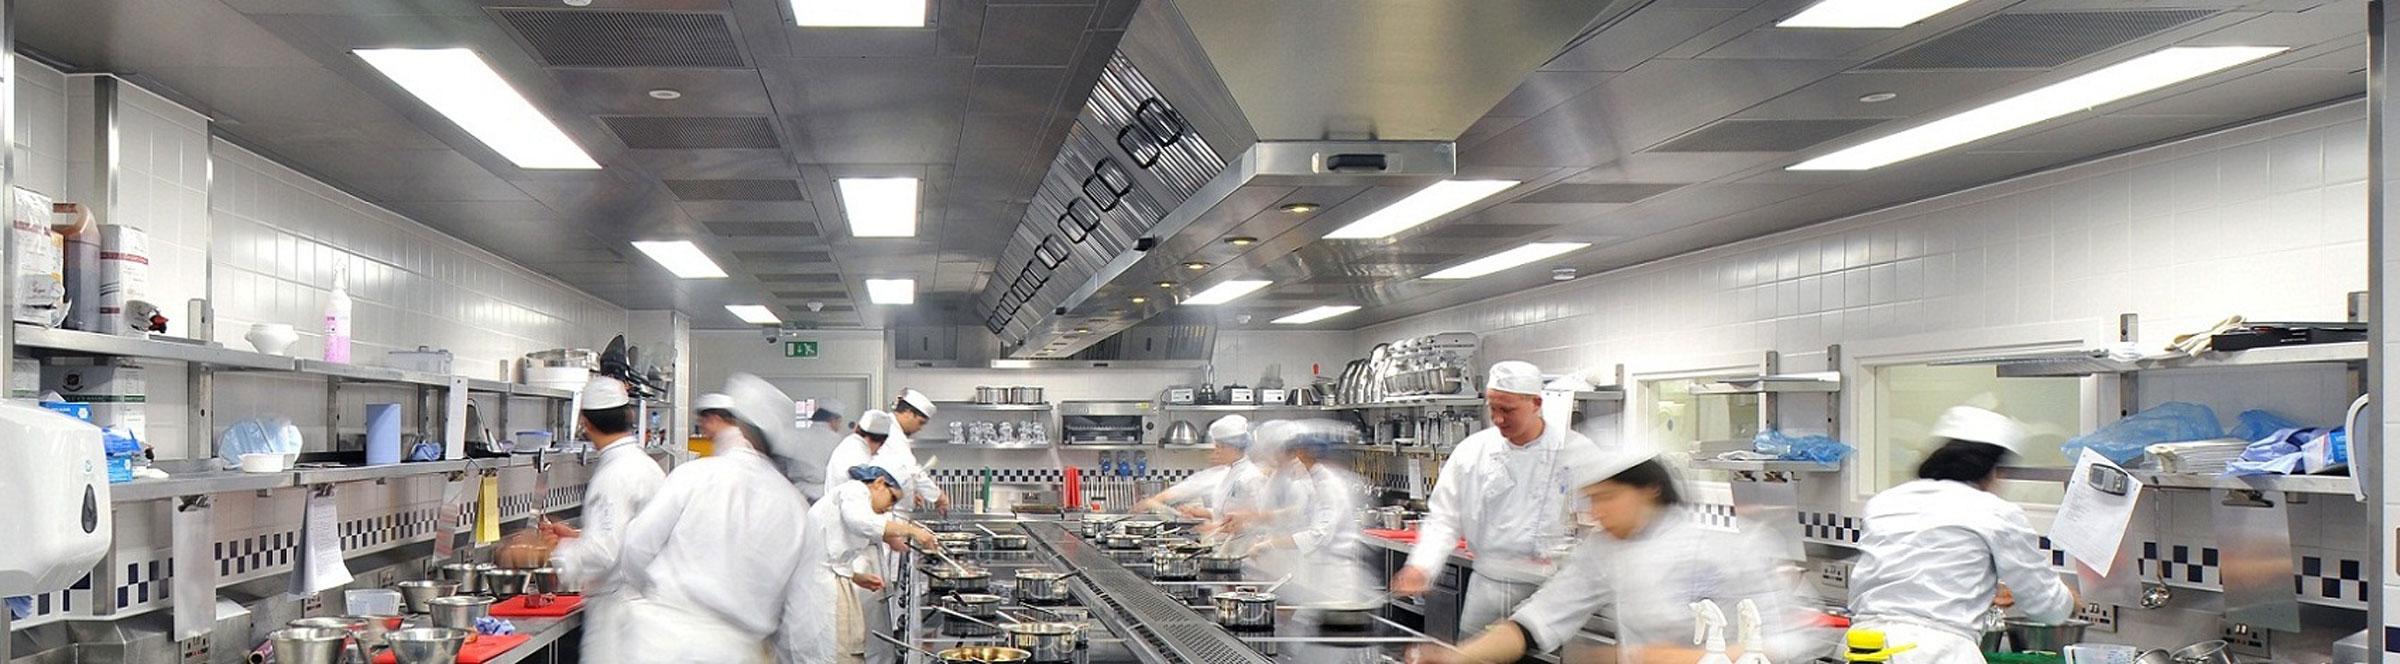 Allestimento ed attrezzature per la cucina professionale - Cucine professionali per ristoranti ...